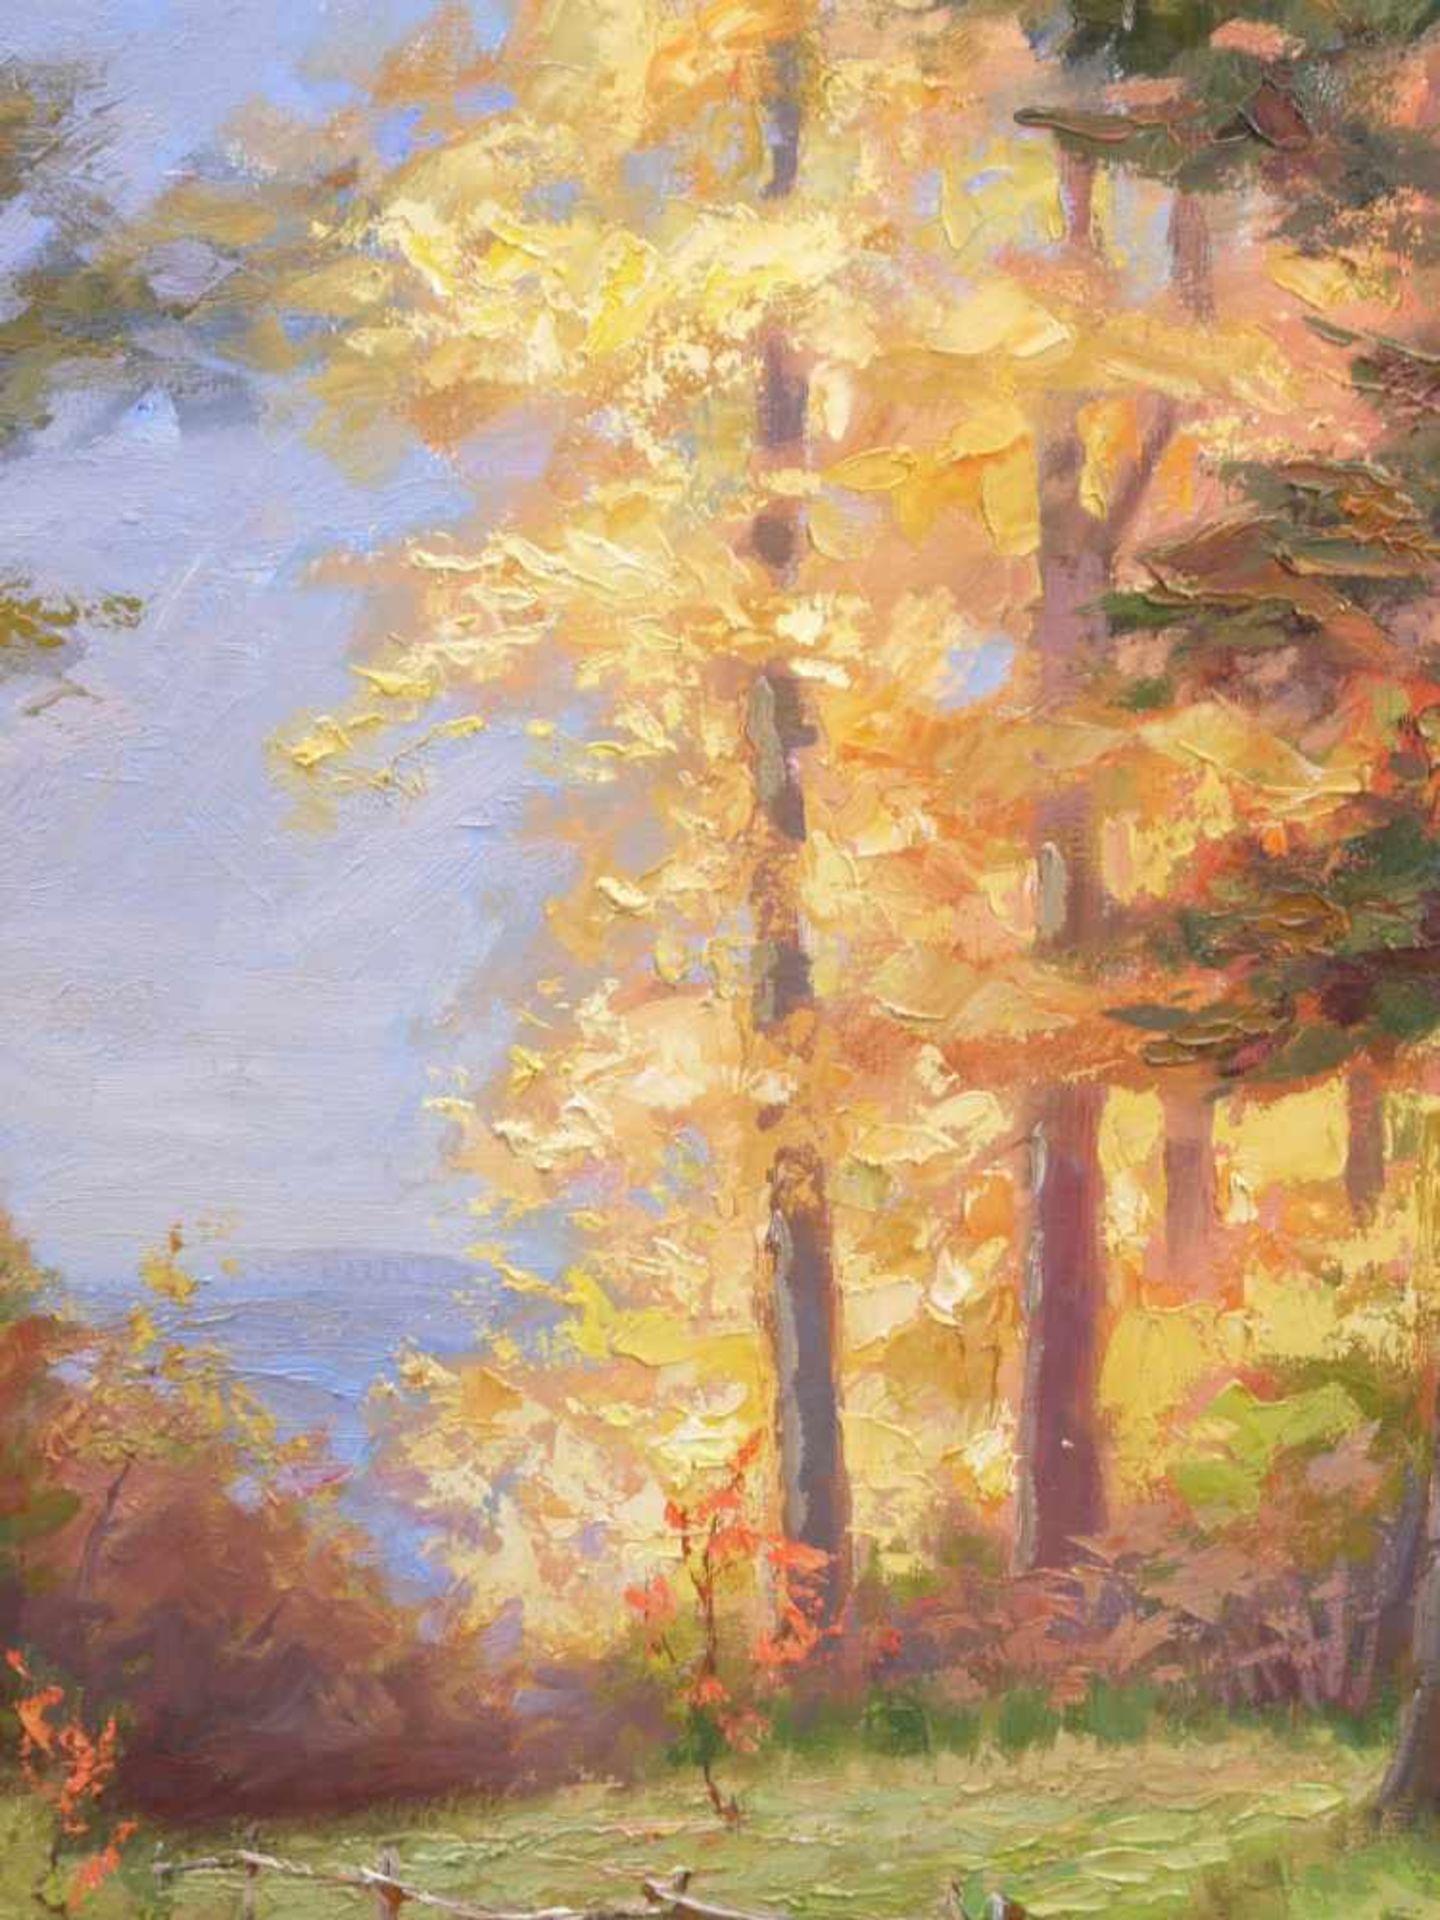 Böhme, Hans (1905-1982) - Herbstlicher LaubwaldIn golden-herbstlicher Farbpalette strahlt diese - Bild 3 aus 5